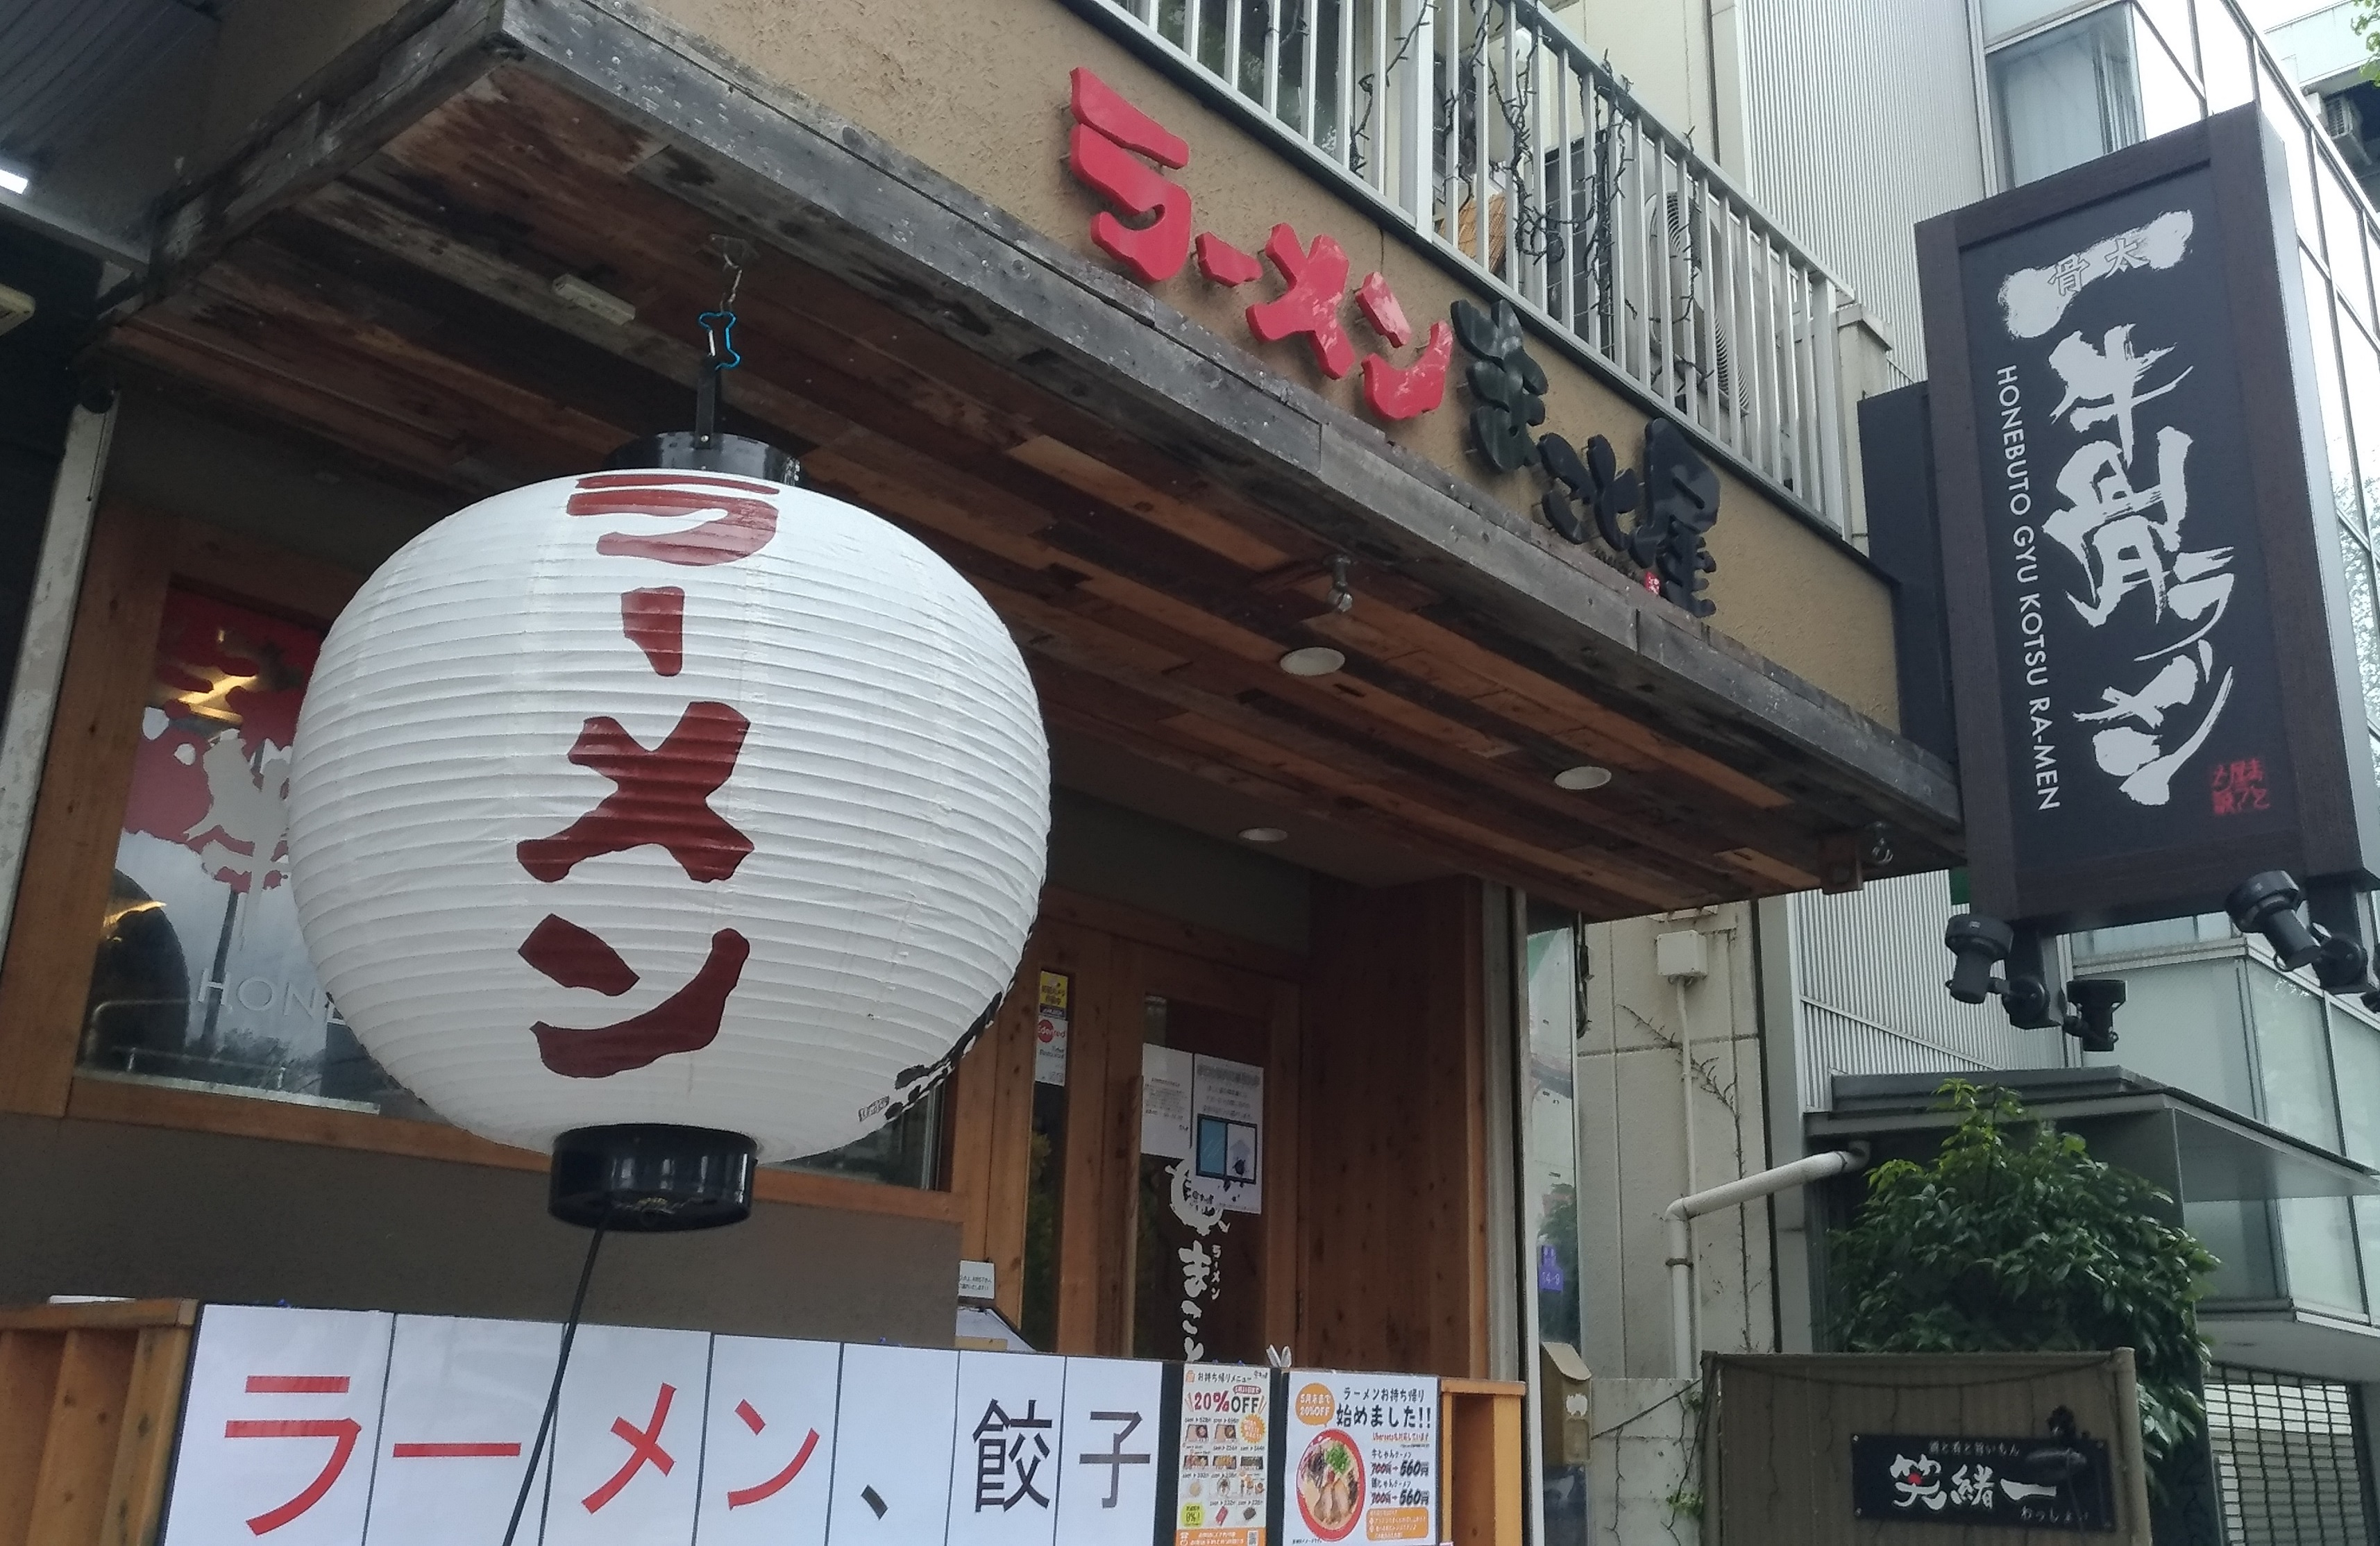 osaka_ramen_fukushima_take_out_makoto_.jpg